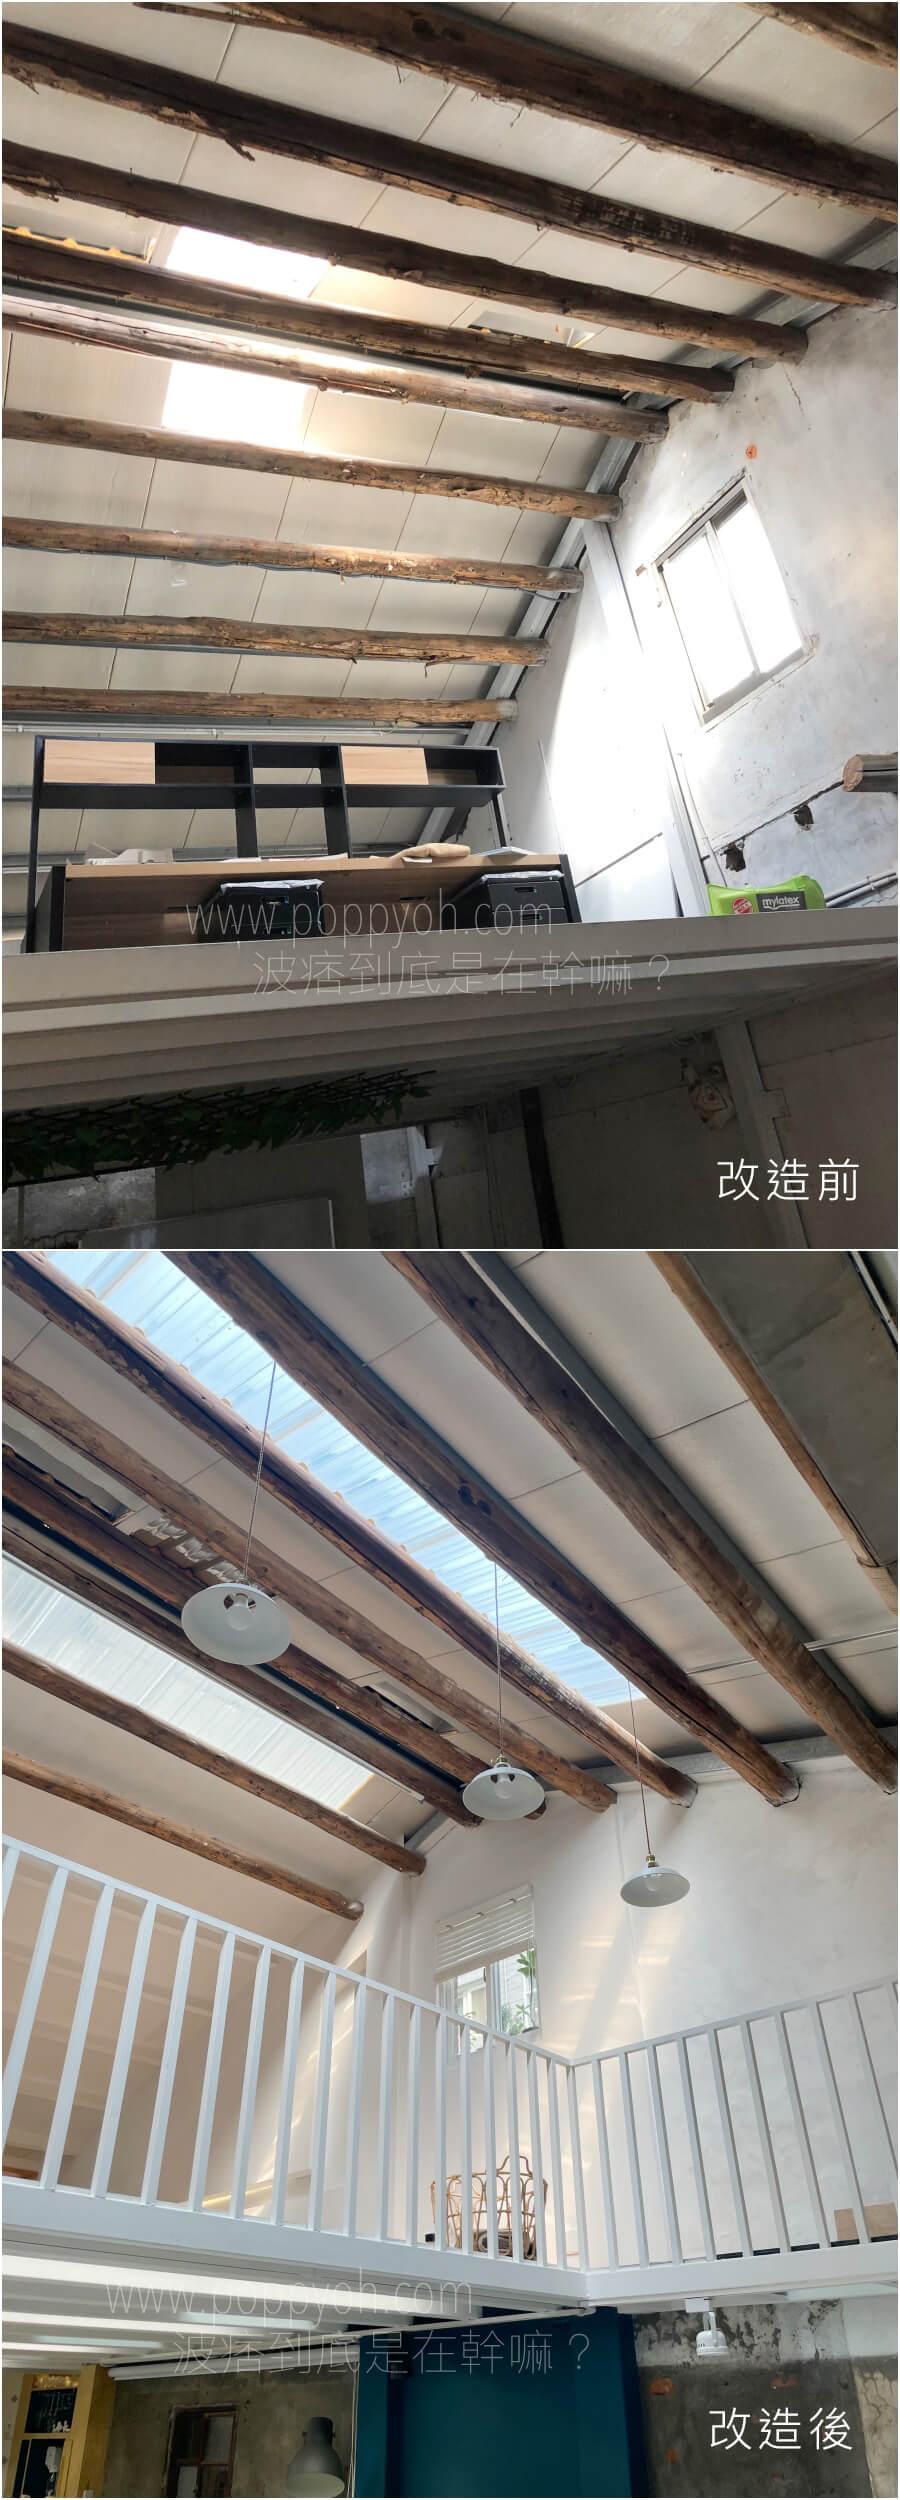 鐵皮 透明採光罩 裝潢 翻修